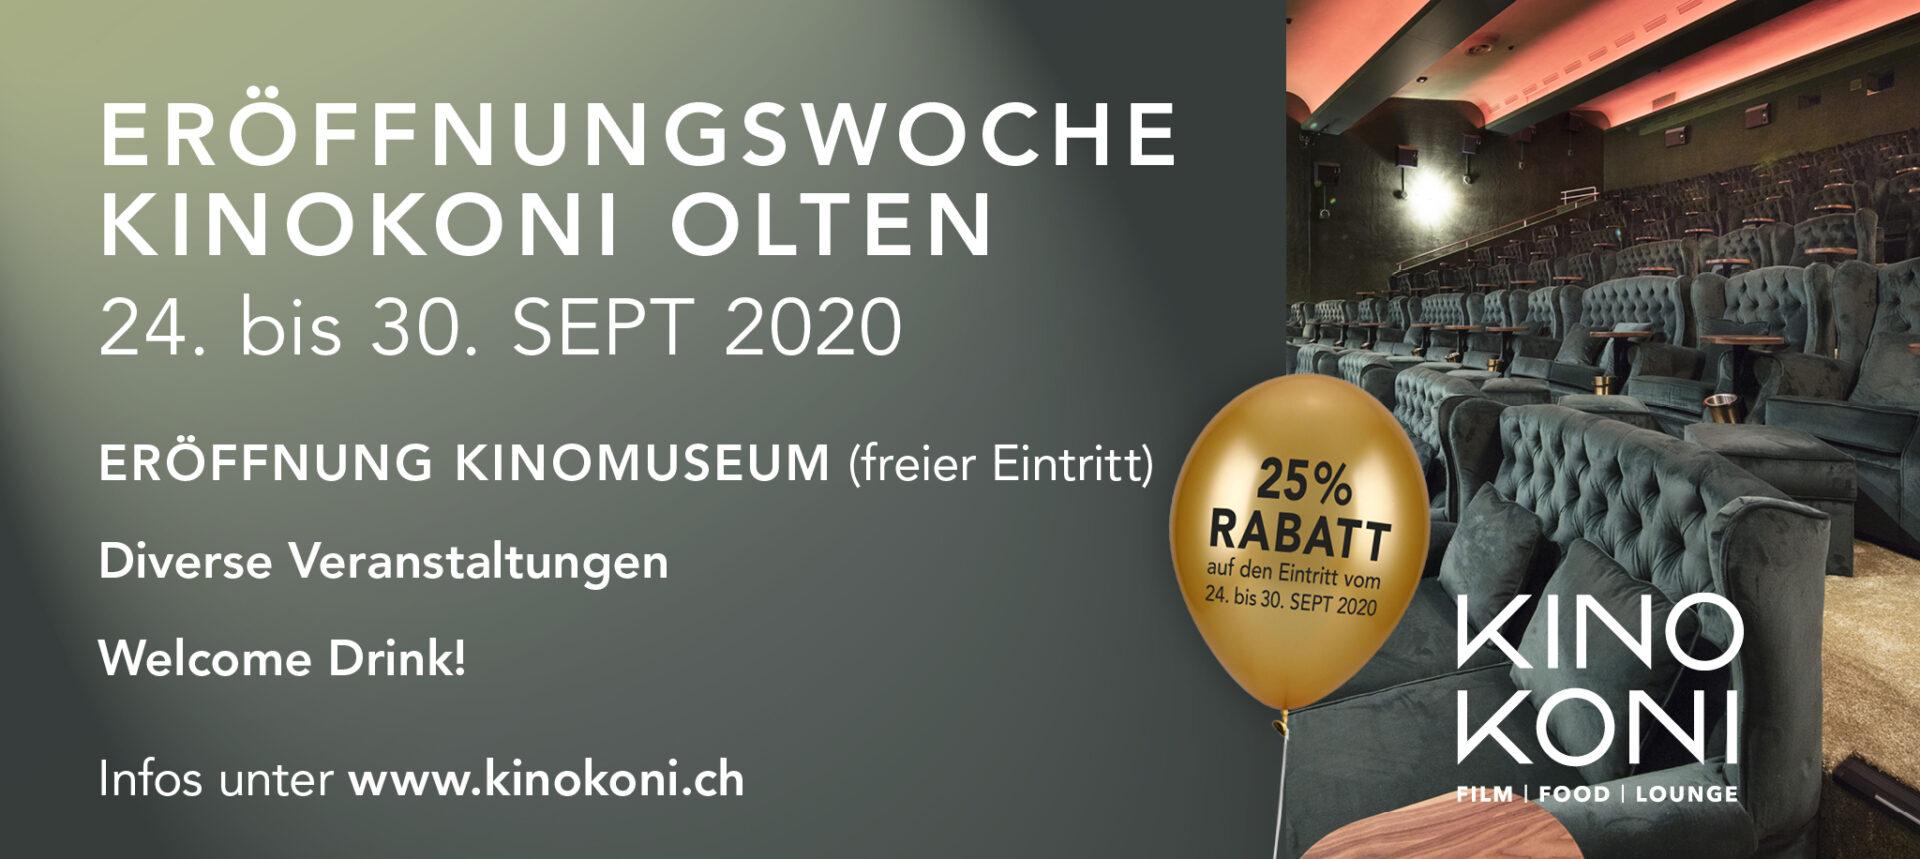 Eröffnungswoche-KinoKoni-Olten